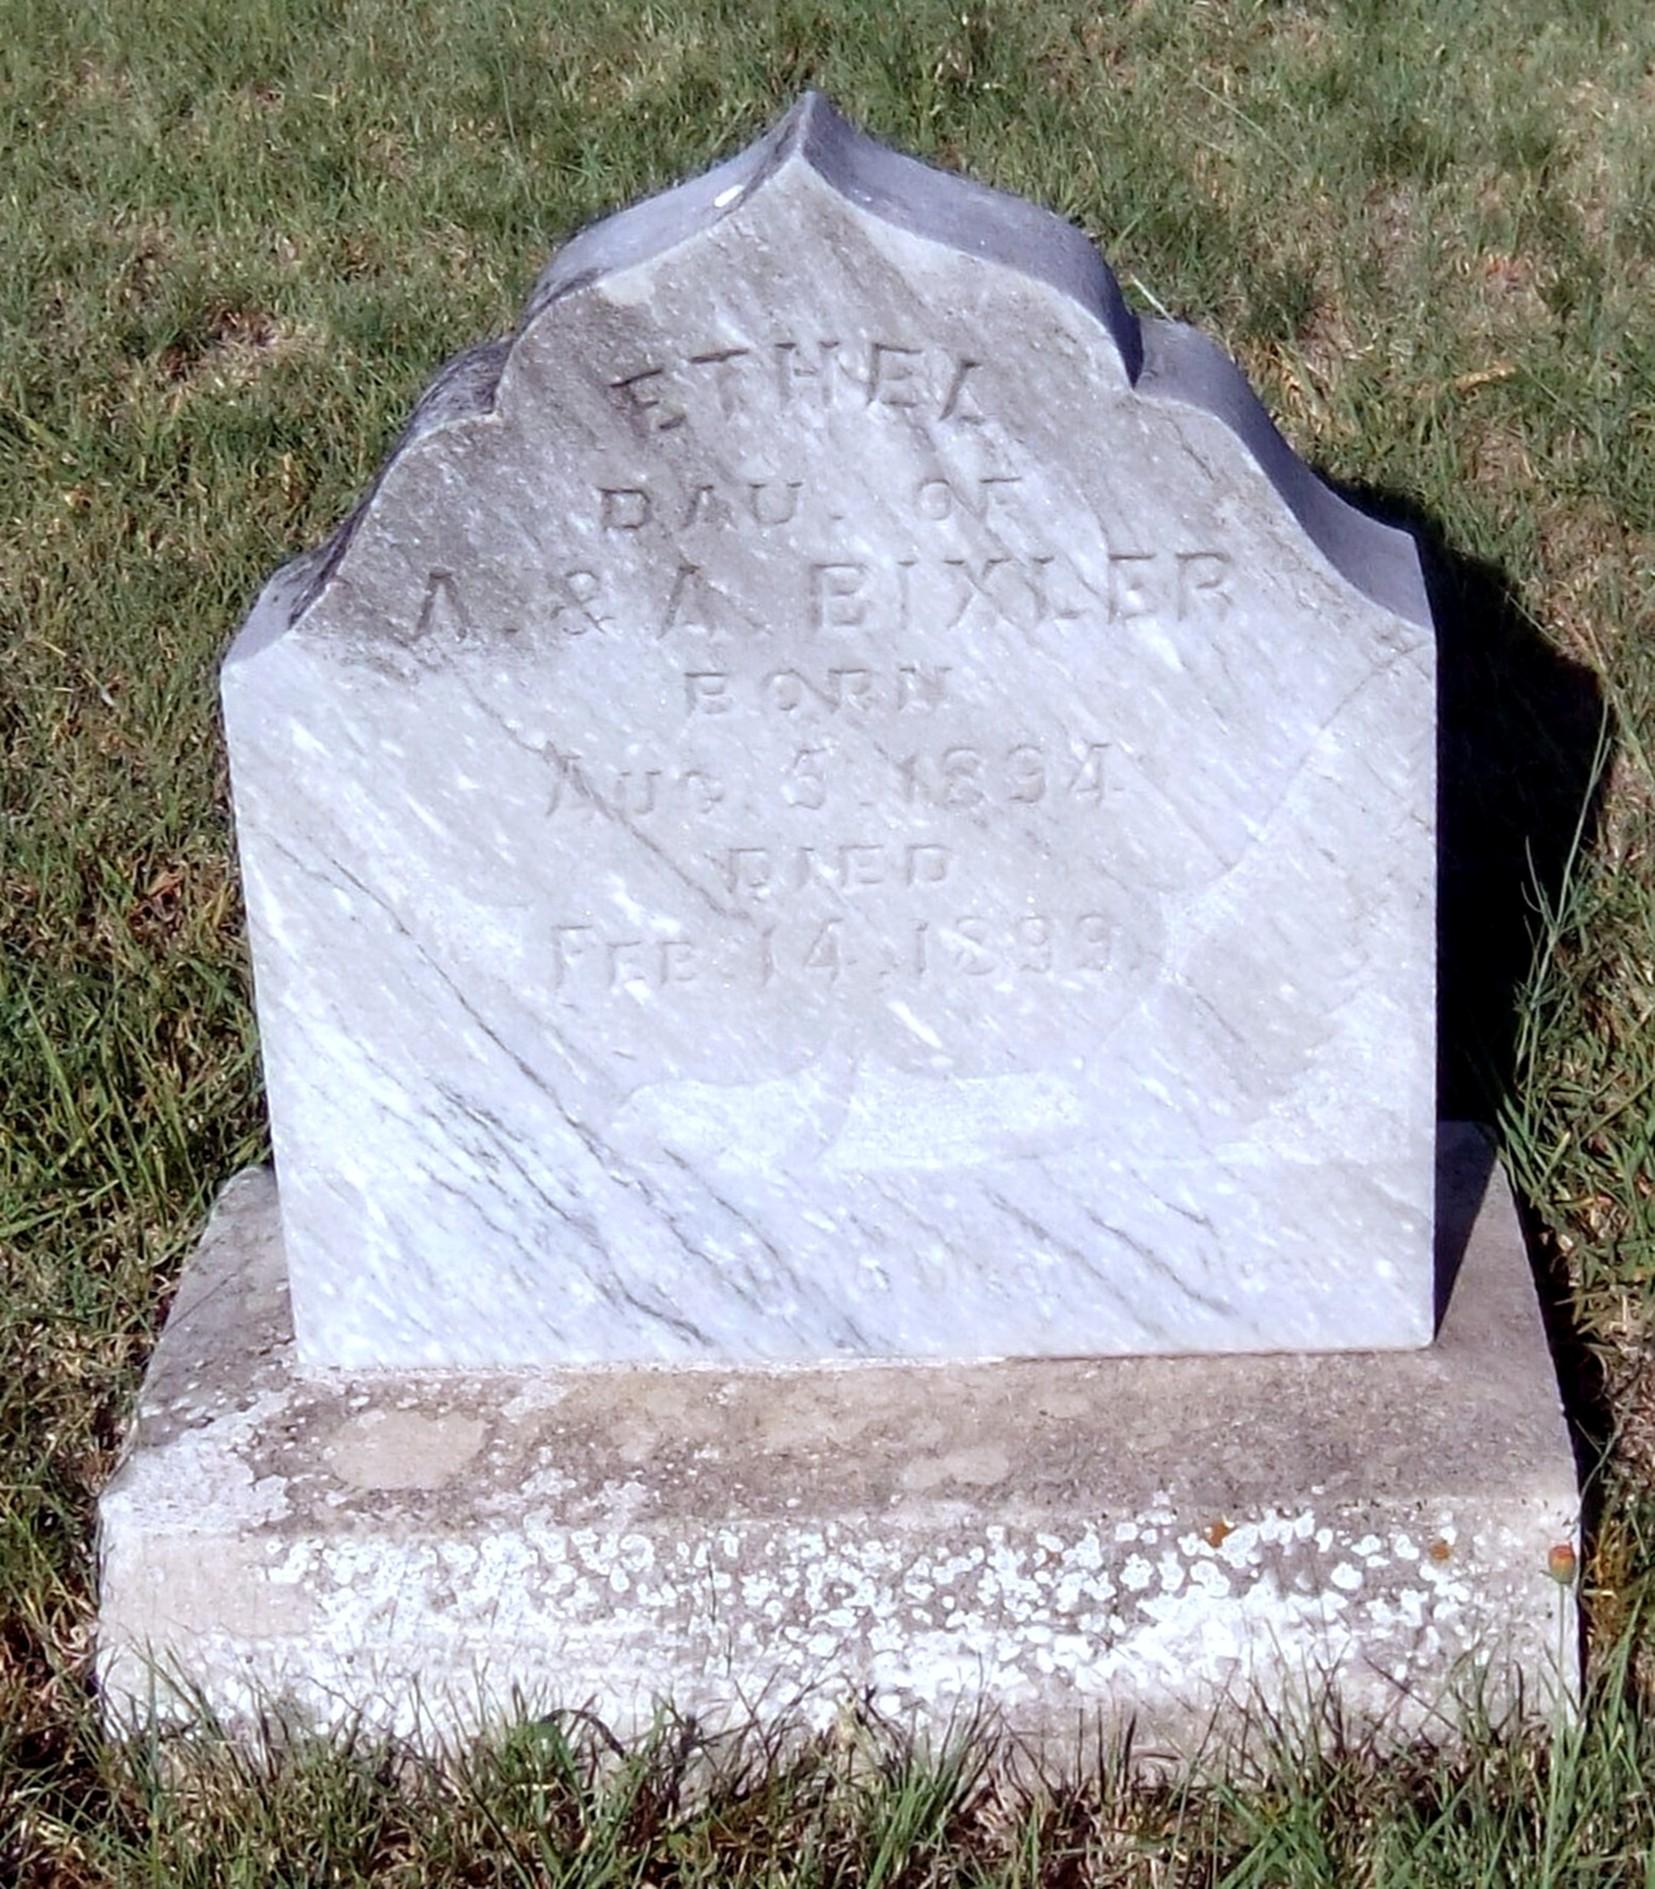 Ethel Bixler